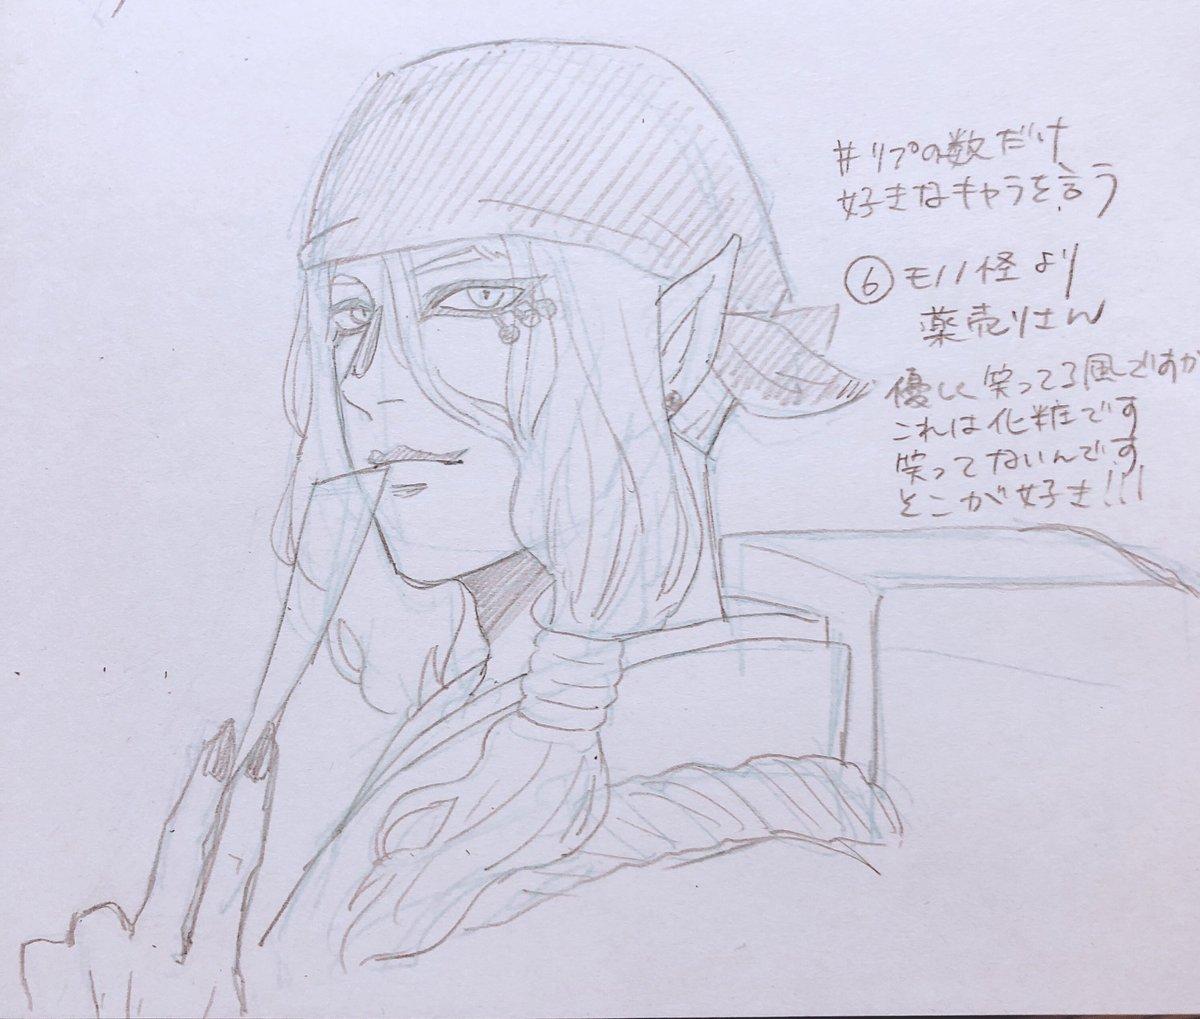 ⑥薬売りさん モノノ怪ね!!!!知らない人いる気がしないけど万が一いたら見てほしいちなみに彼のcvは櫻井さんですからええそうです彼です